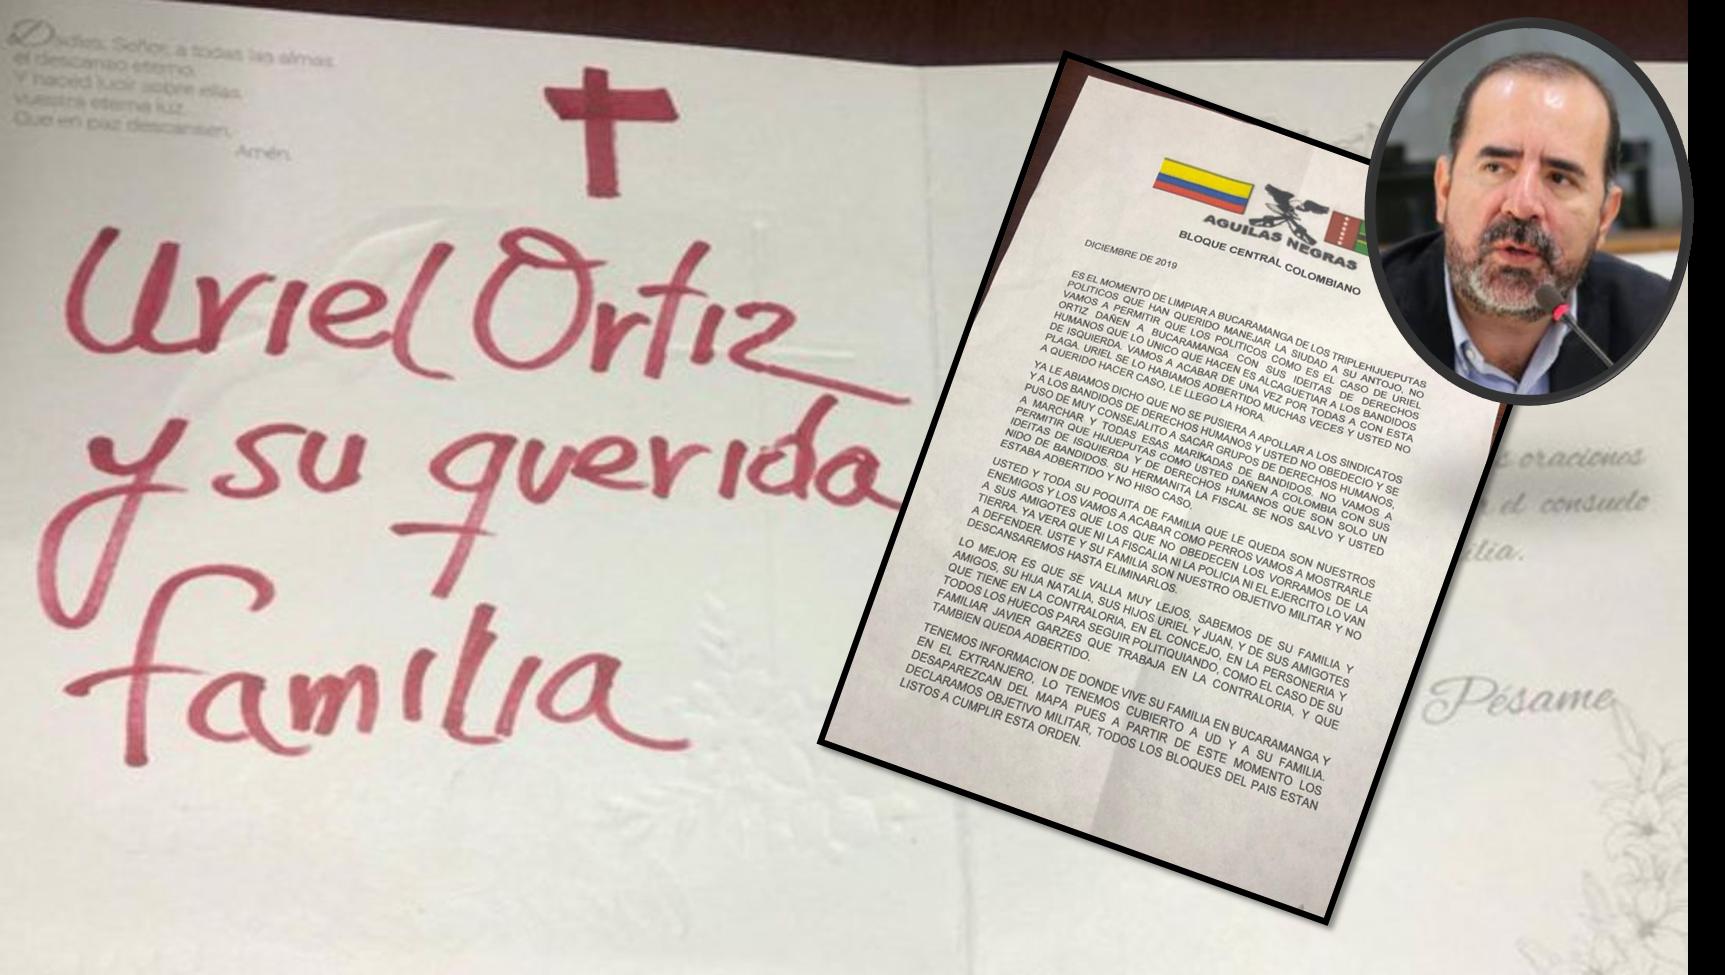 Amenazan de muerte a concejal de Bucaramanga | Justicia | EL FRENTE